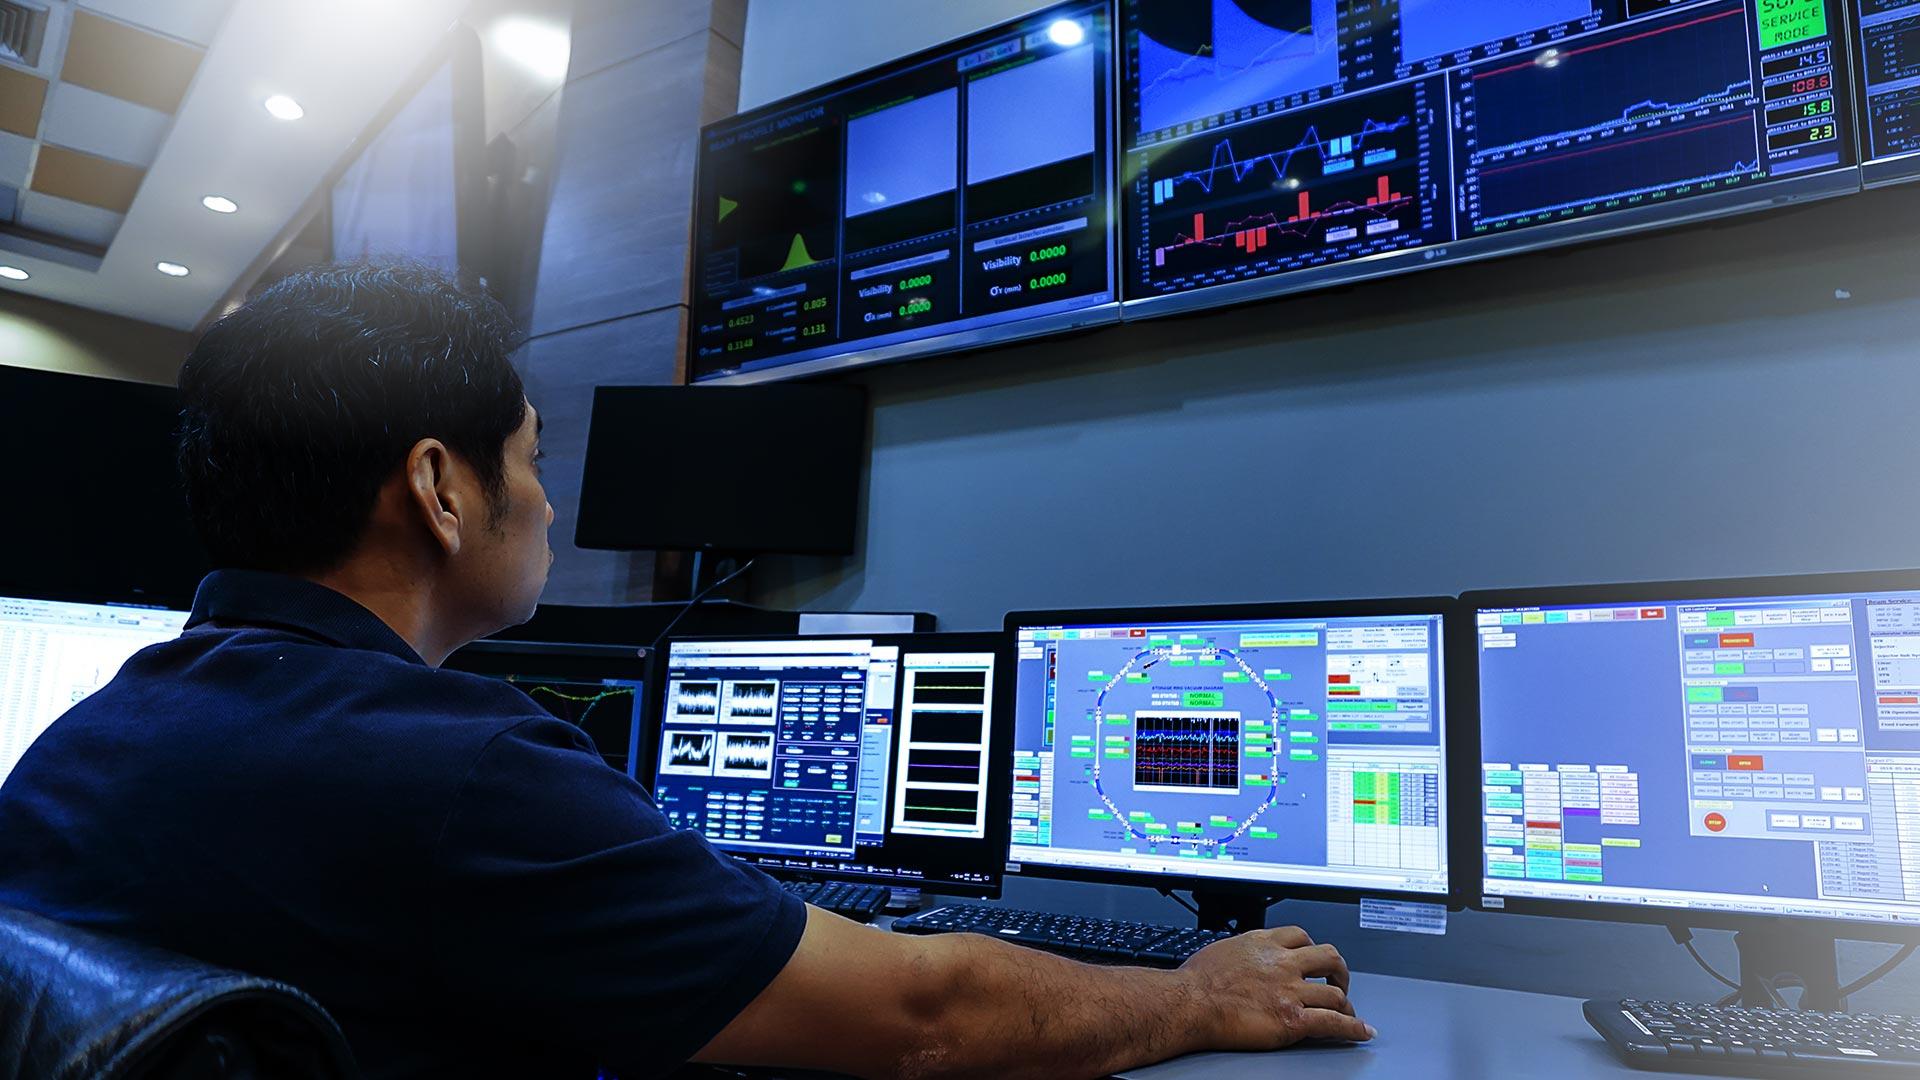 Energiemanagement: Stromkosten sparen in der Industrie